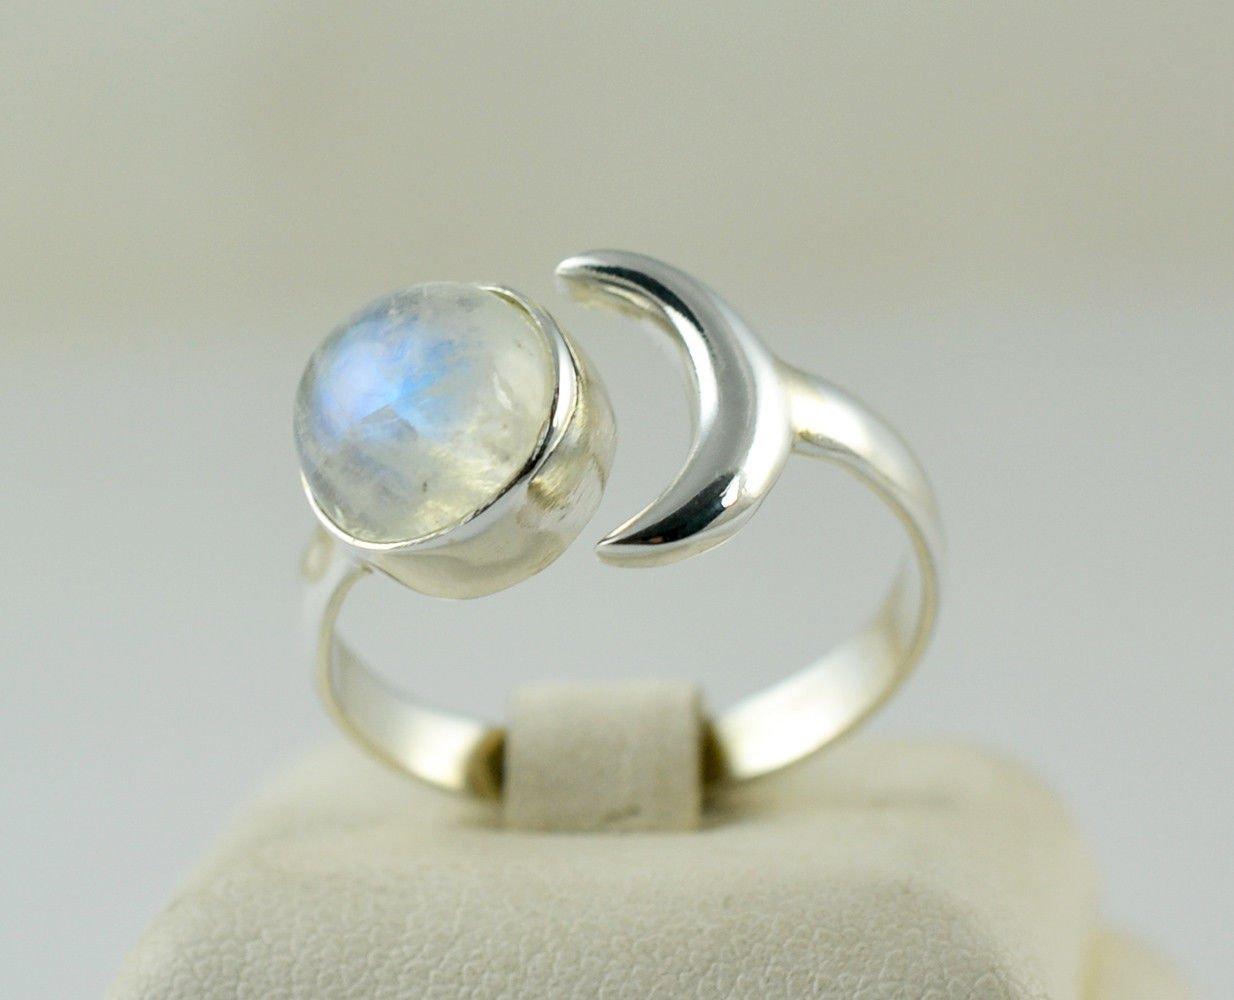 pietra di luna arcobaleno gioielli fatti a mano anello in argento Anello in argento con pietra di luna arcobaleno anello in pietra di luna dimensioni dal 6 al 31 argento sterling 925